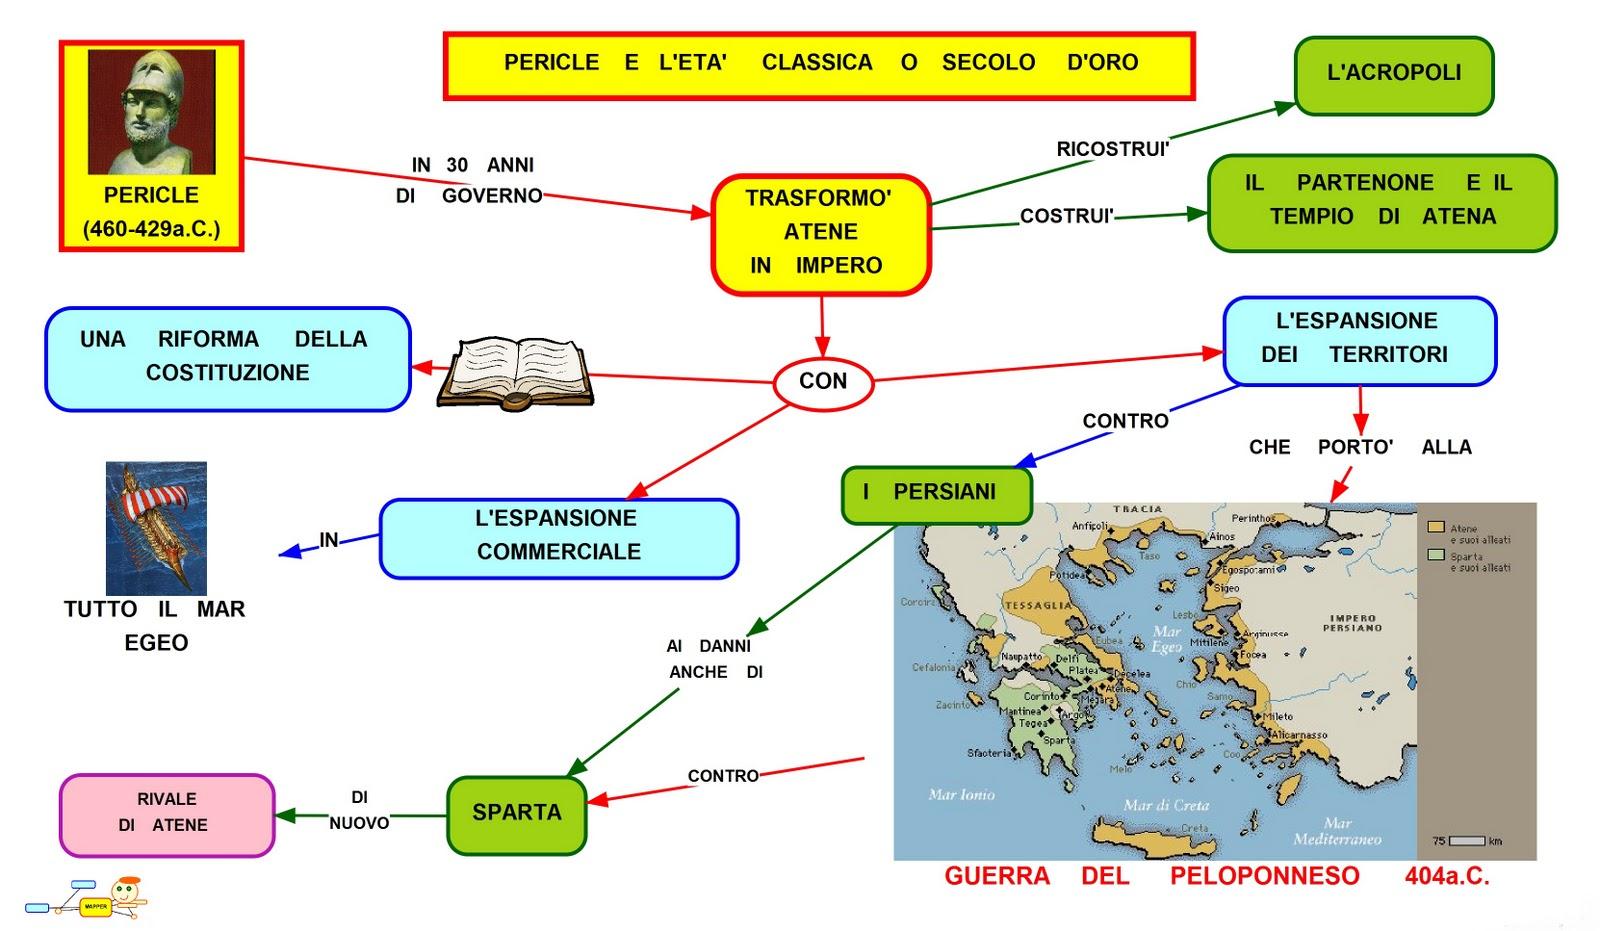 Mappa Concettuale Pericle Scuolissimacom